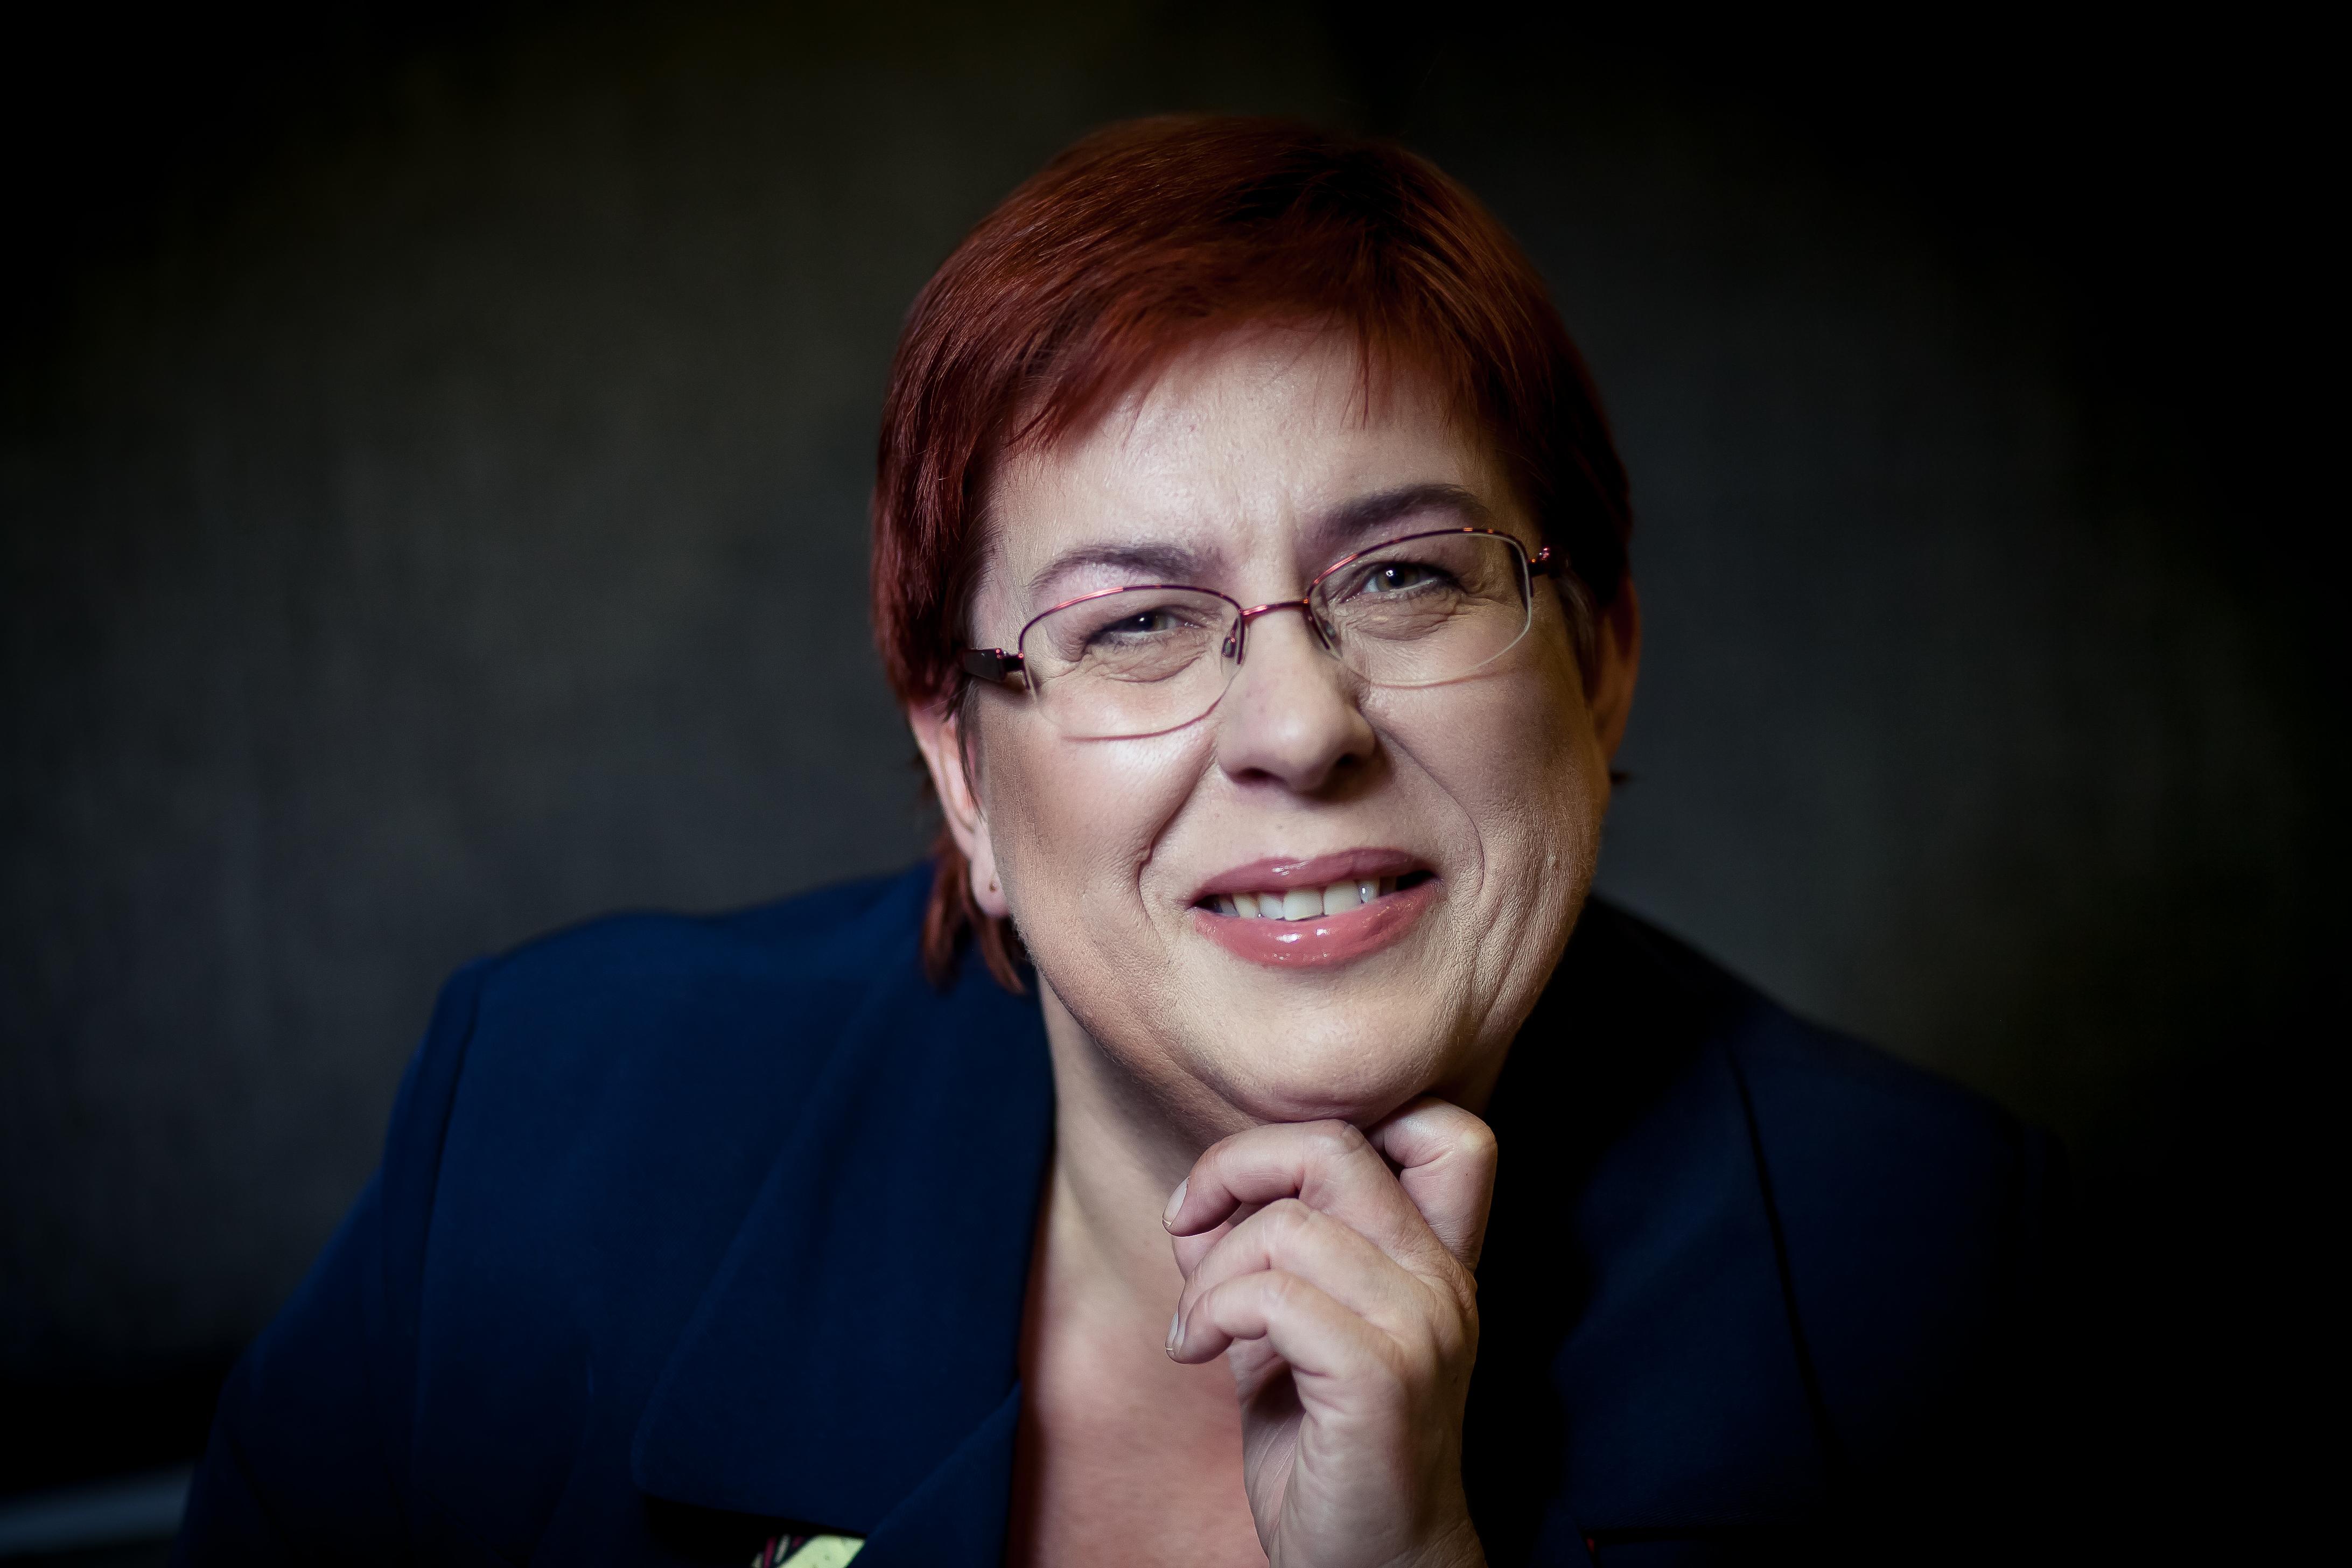 Iwona Koptewicz picture